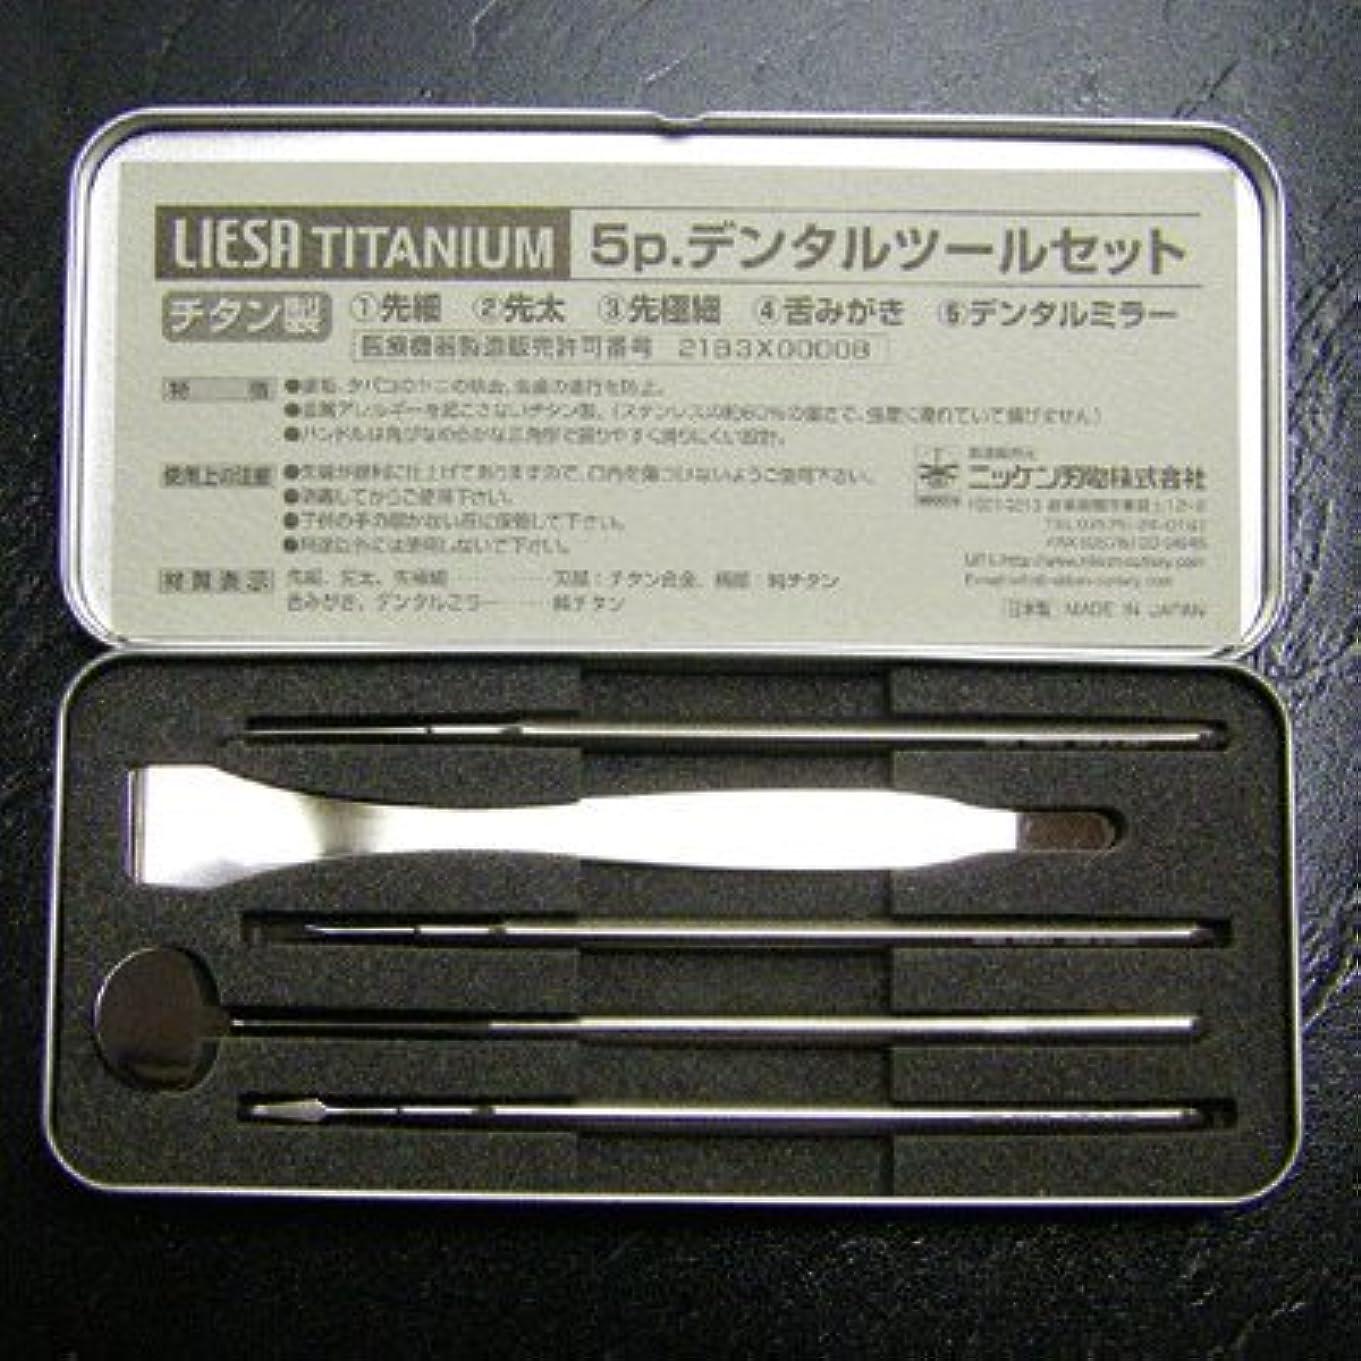 連続的部屋を掃除する月曜岐阜県関の伝統 歯石取りデンタルケアセット チタン製